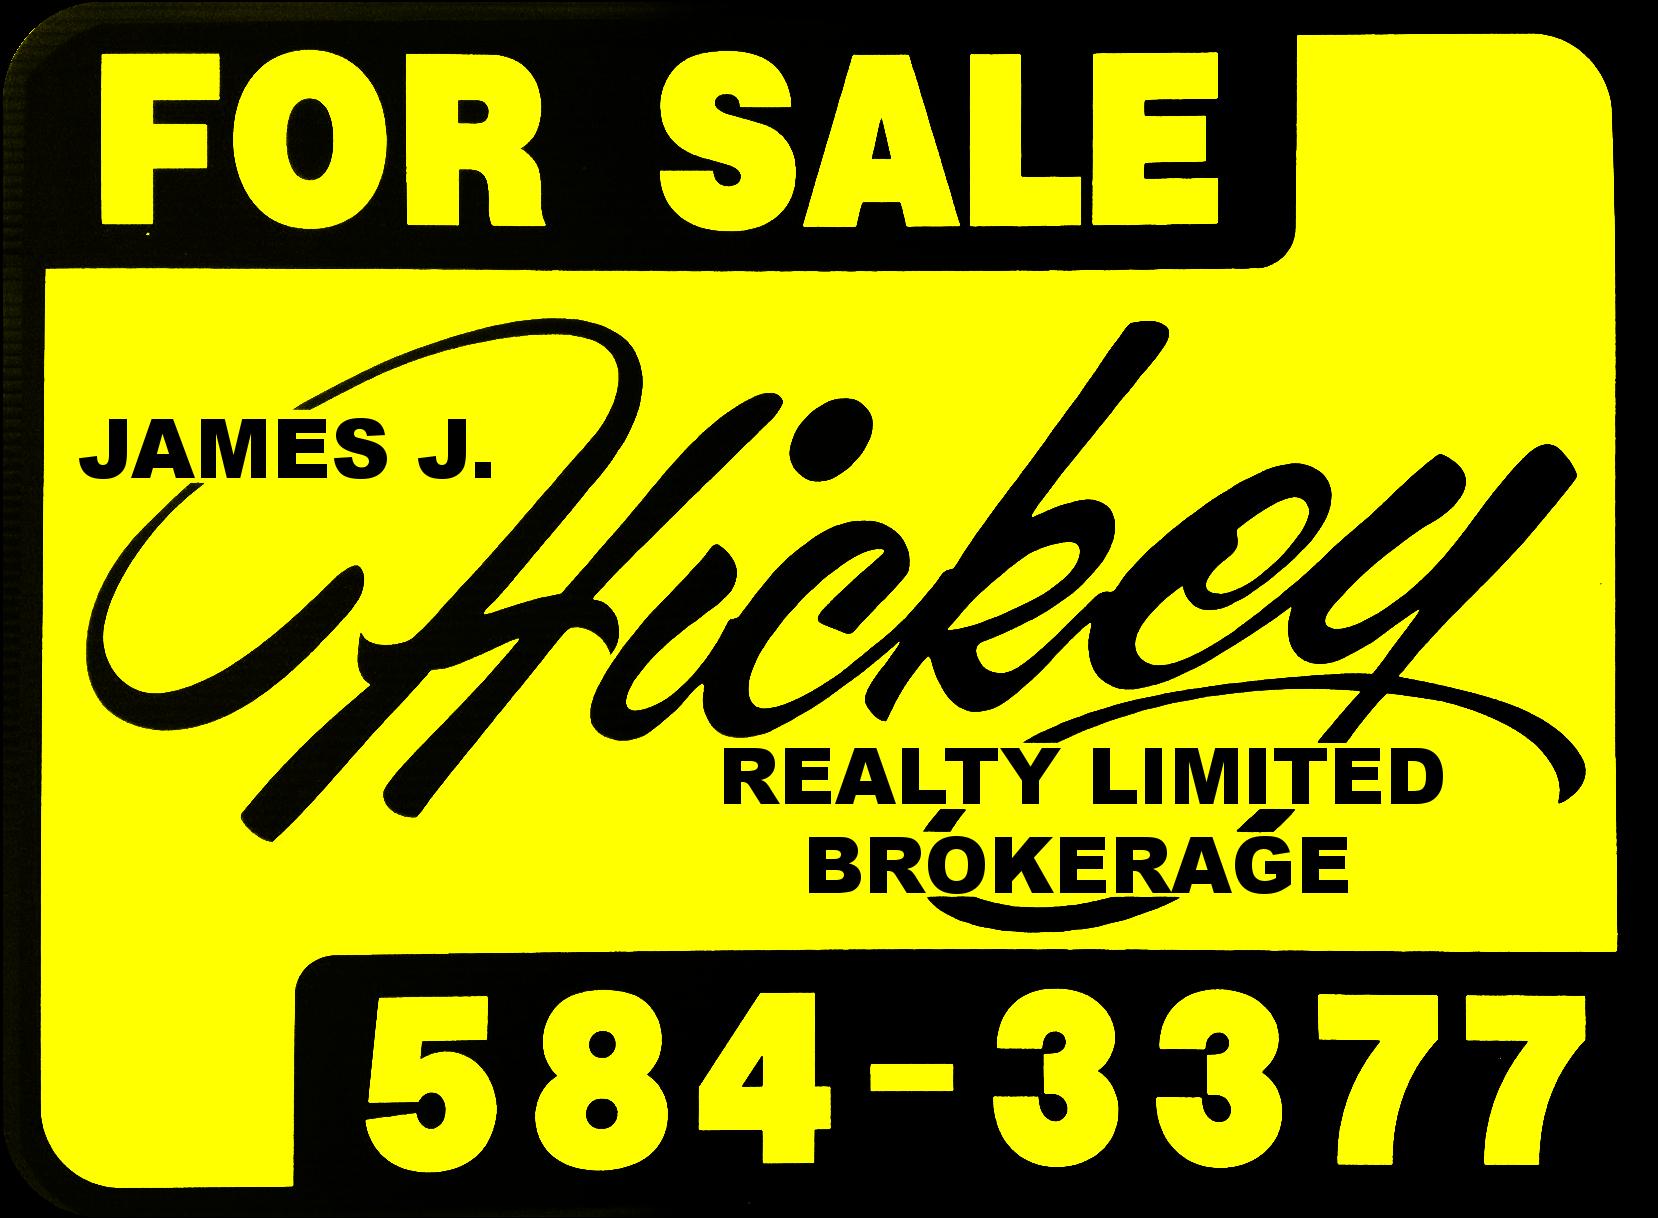 James Hickey Realty